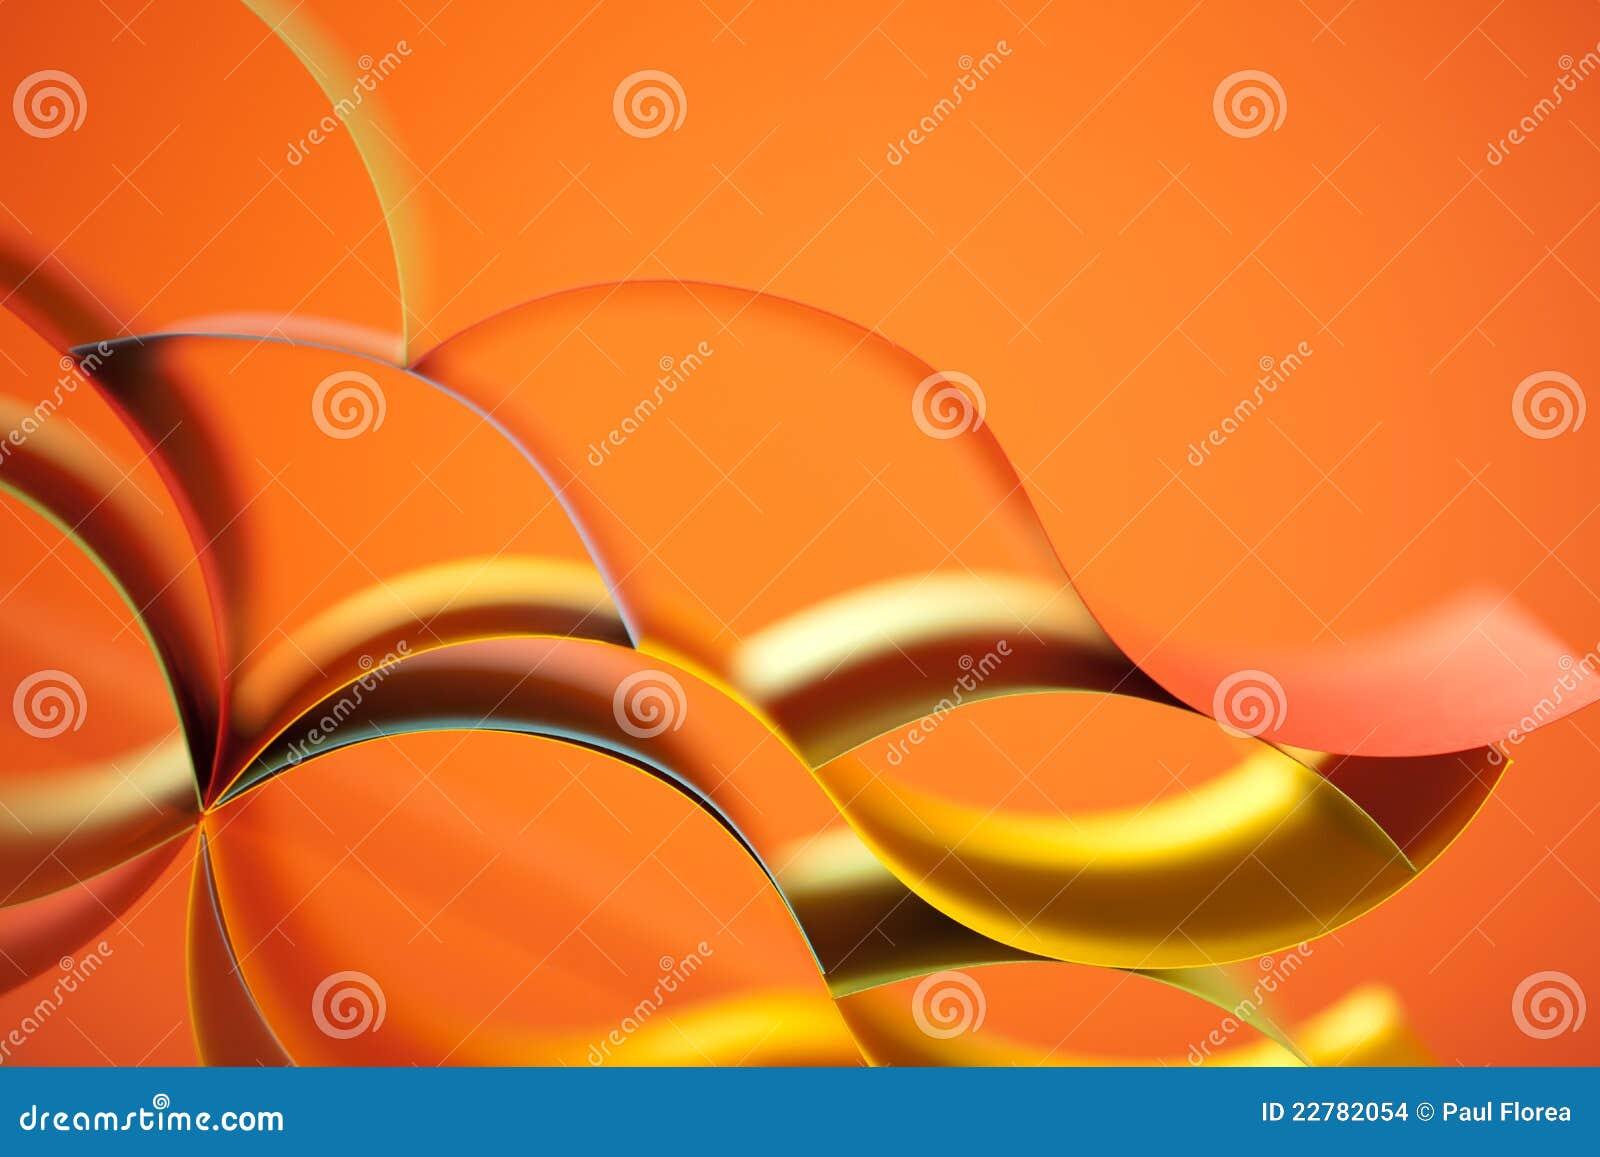 Papel colorido do sumário no fundo alaranjado